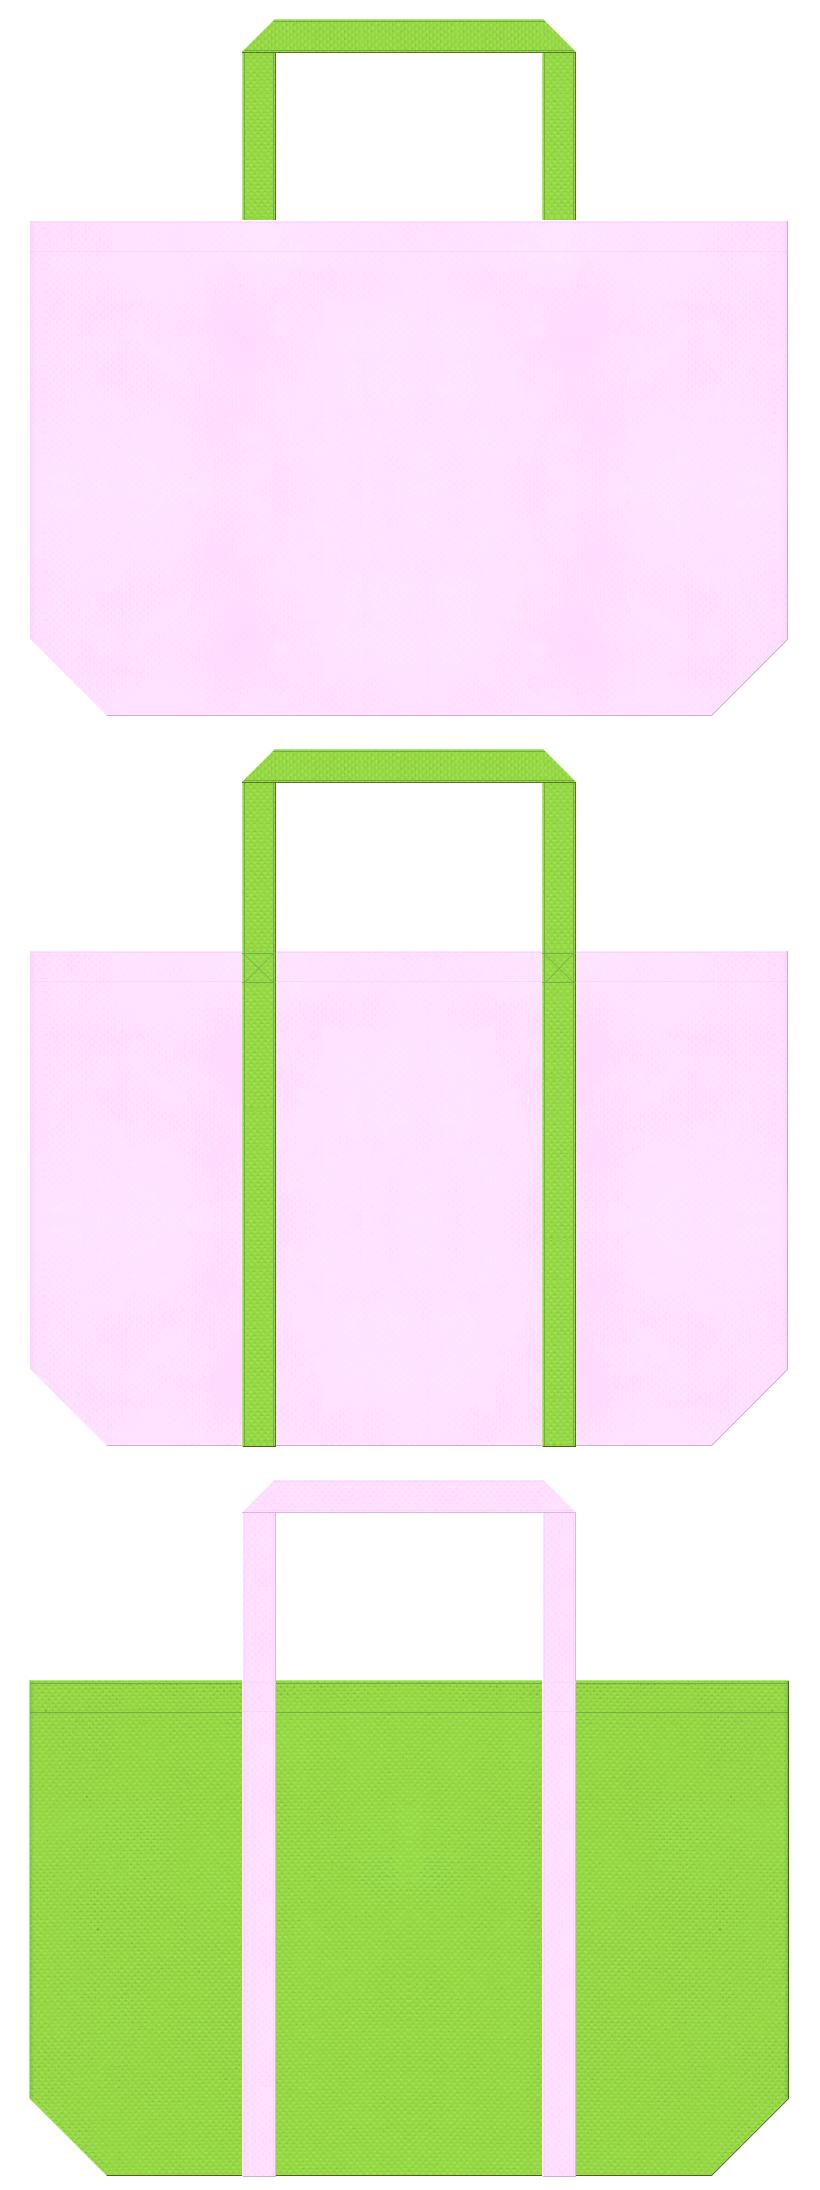 絵本・インコ・お花見・葉桜・アサガオ・あじさい・医療施設・介護施設・春のイベント・フラワーショップにお奨めの不織布バッグデザイン:パステルピンク色と黄緑色のコーデ